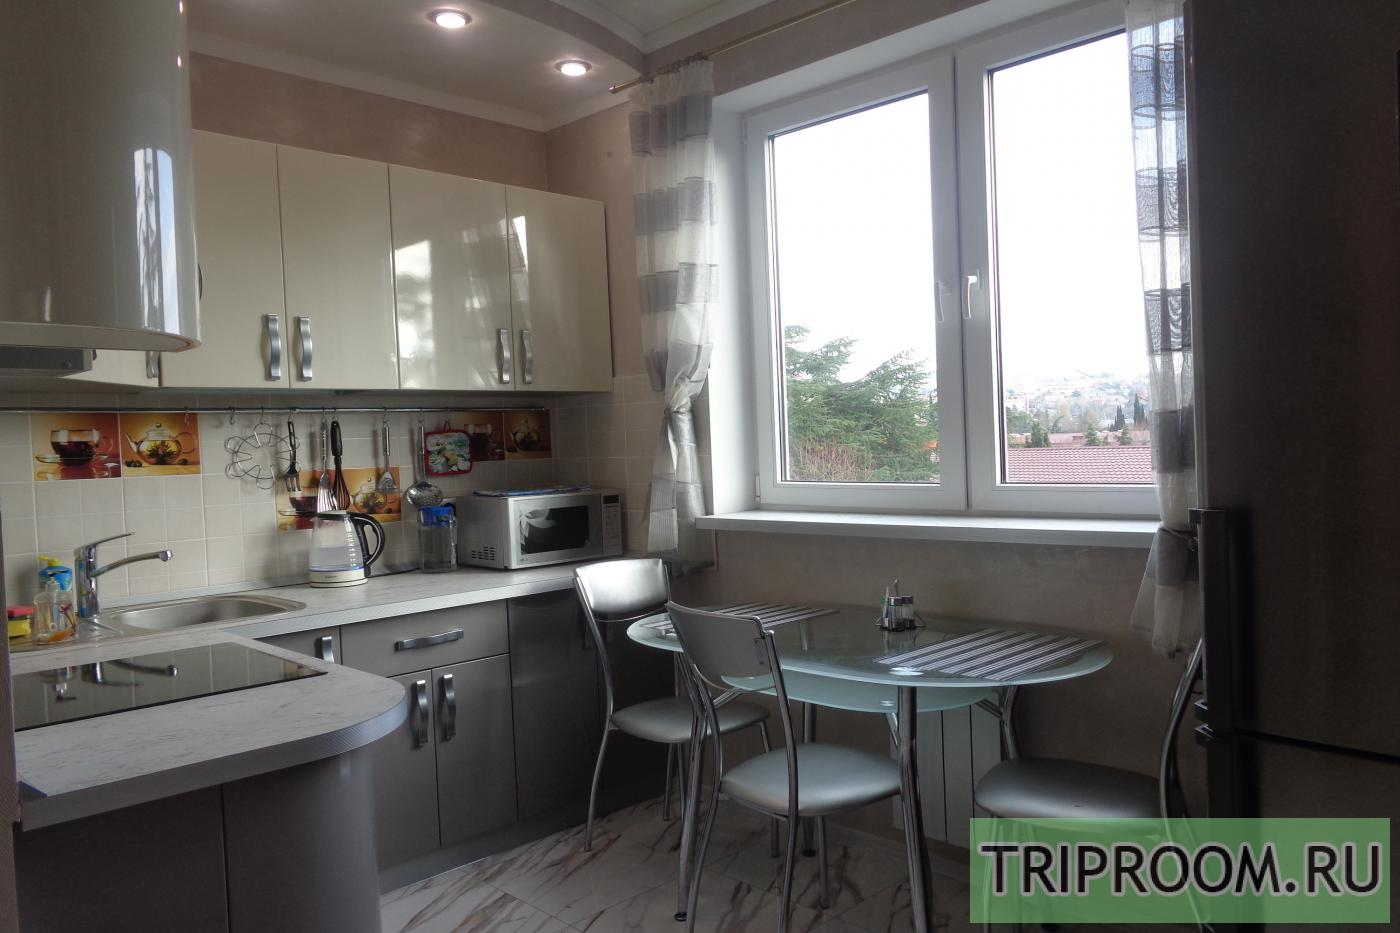 1-комнатная квартира посуточно (вариант № 10283), ул. Красноармейская улица, фото № 2